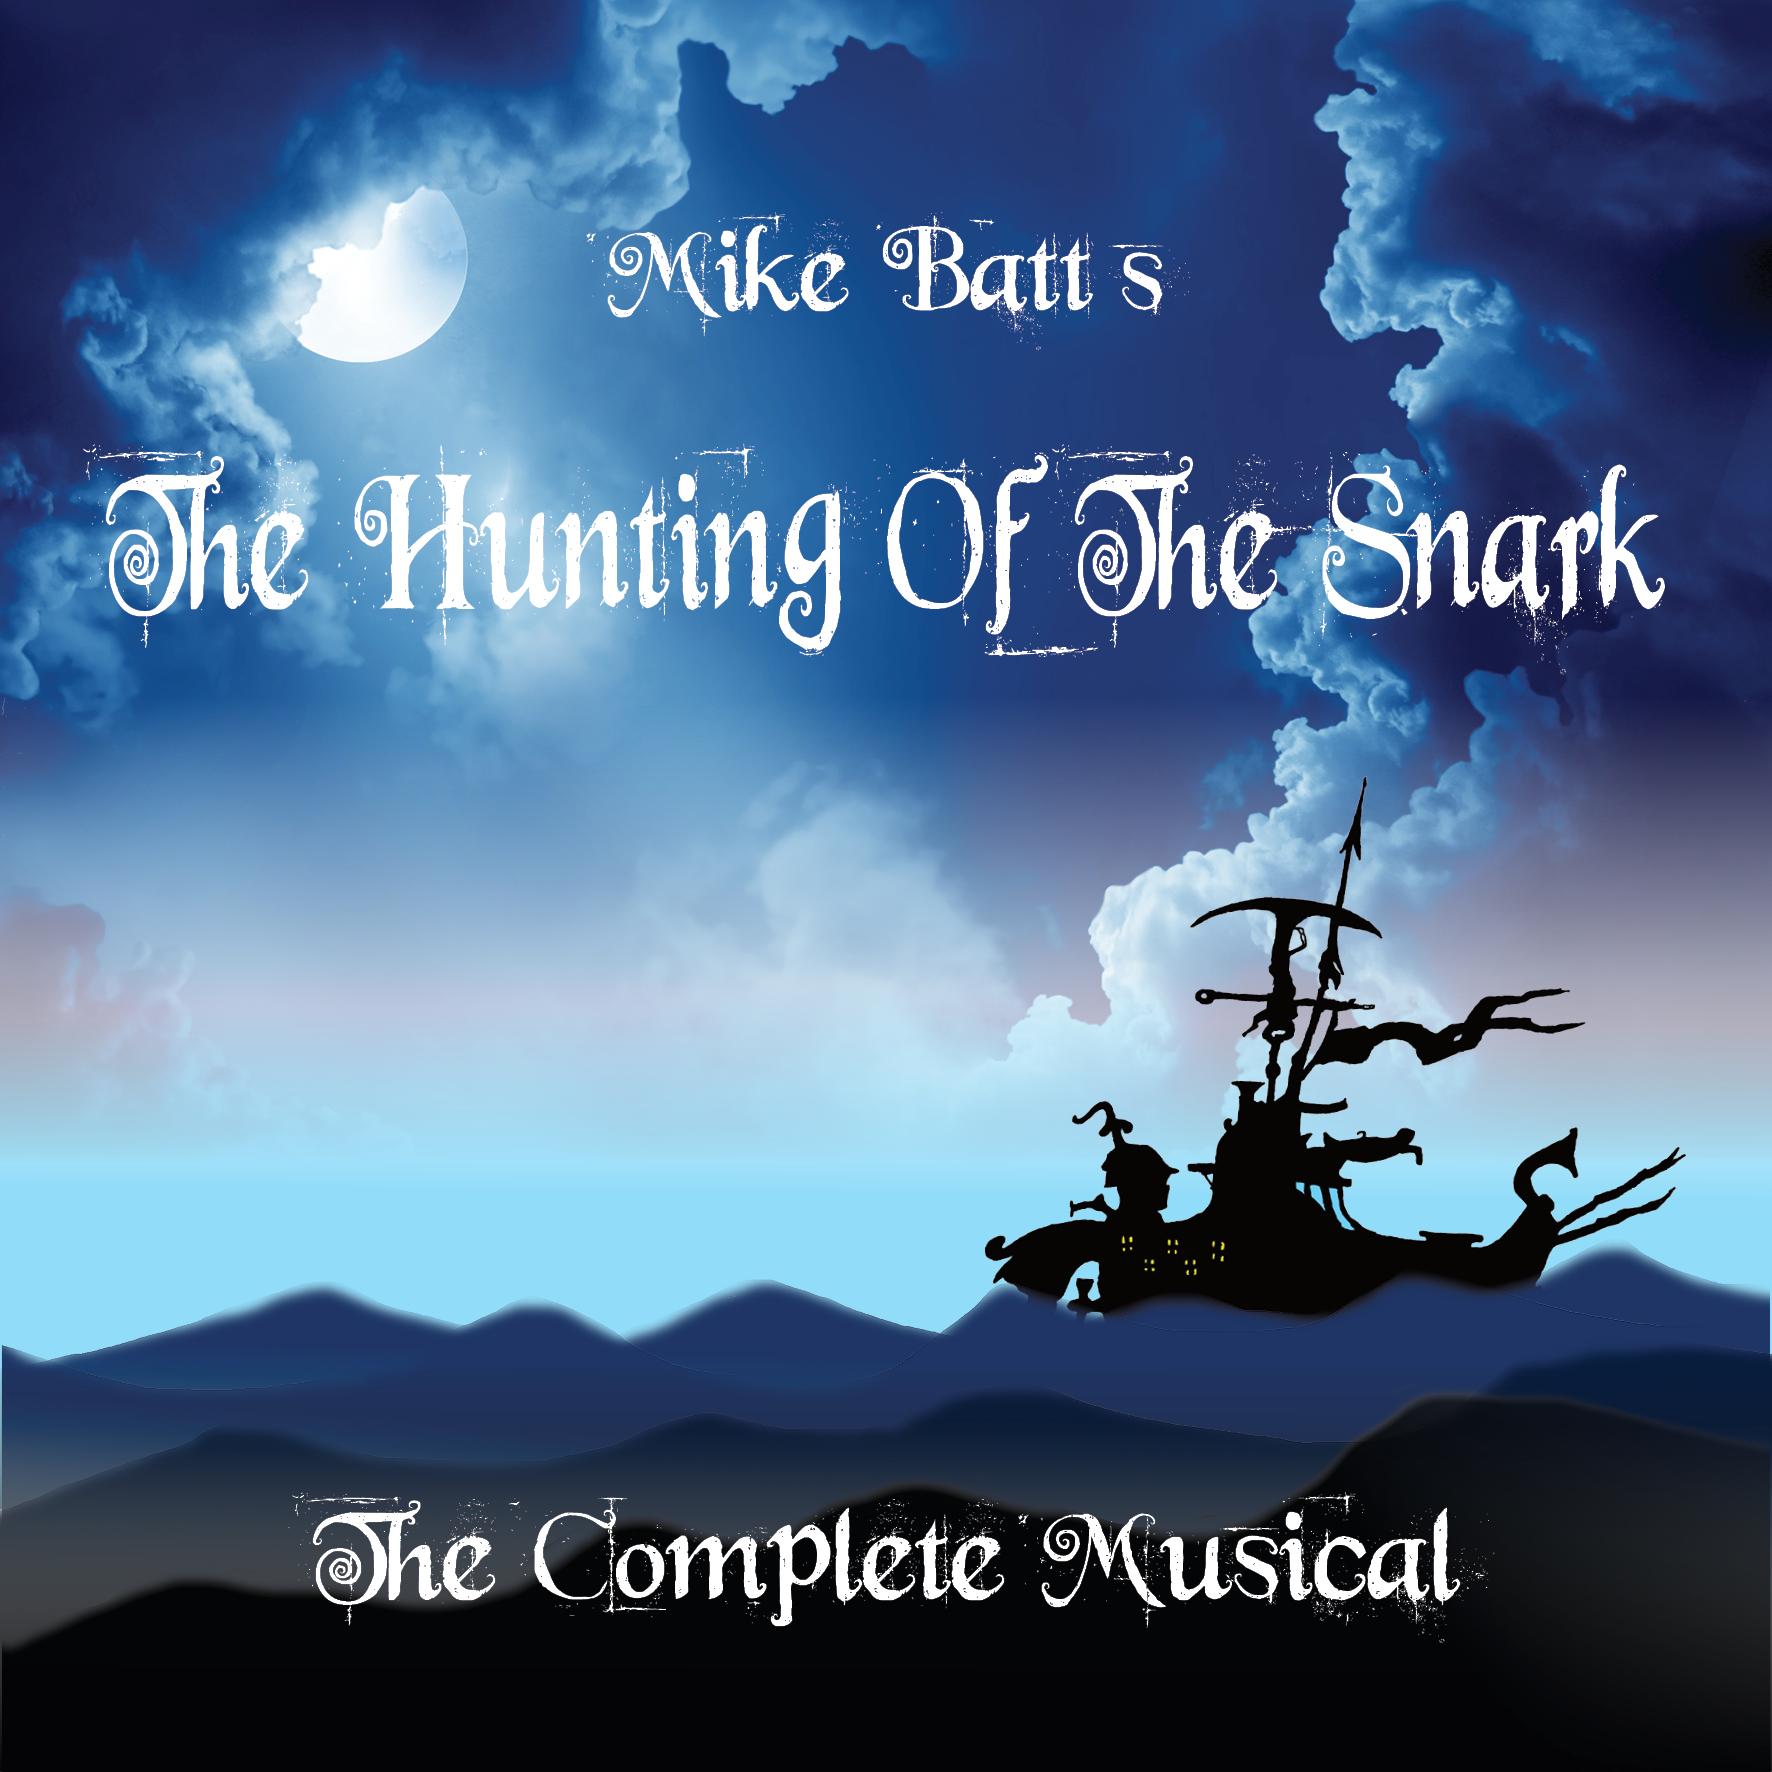 Mike Batts The Hunting Of The Snark Packshot NEW 01.11.2018.jpg